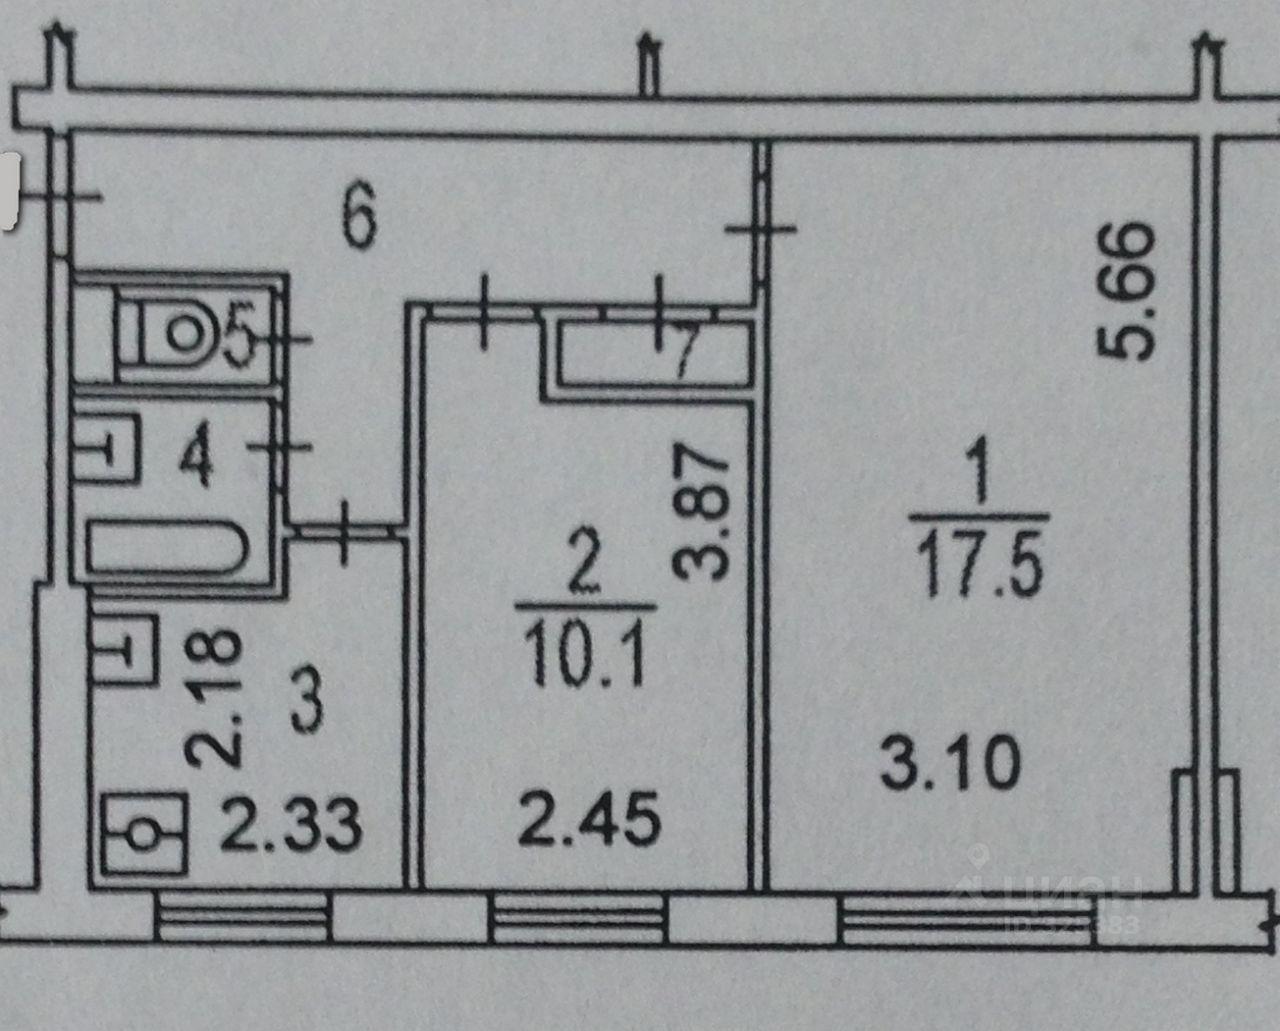 продам двухкомнатную квартиру город Москва, метро Планерная, улица Свободы, д. 85К1